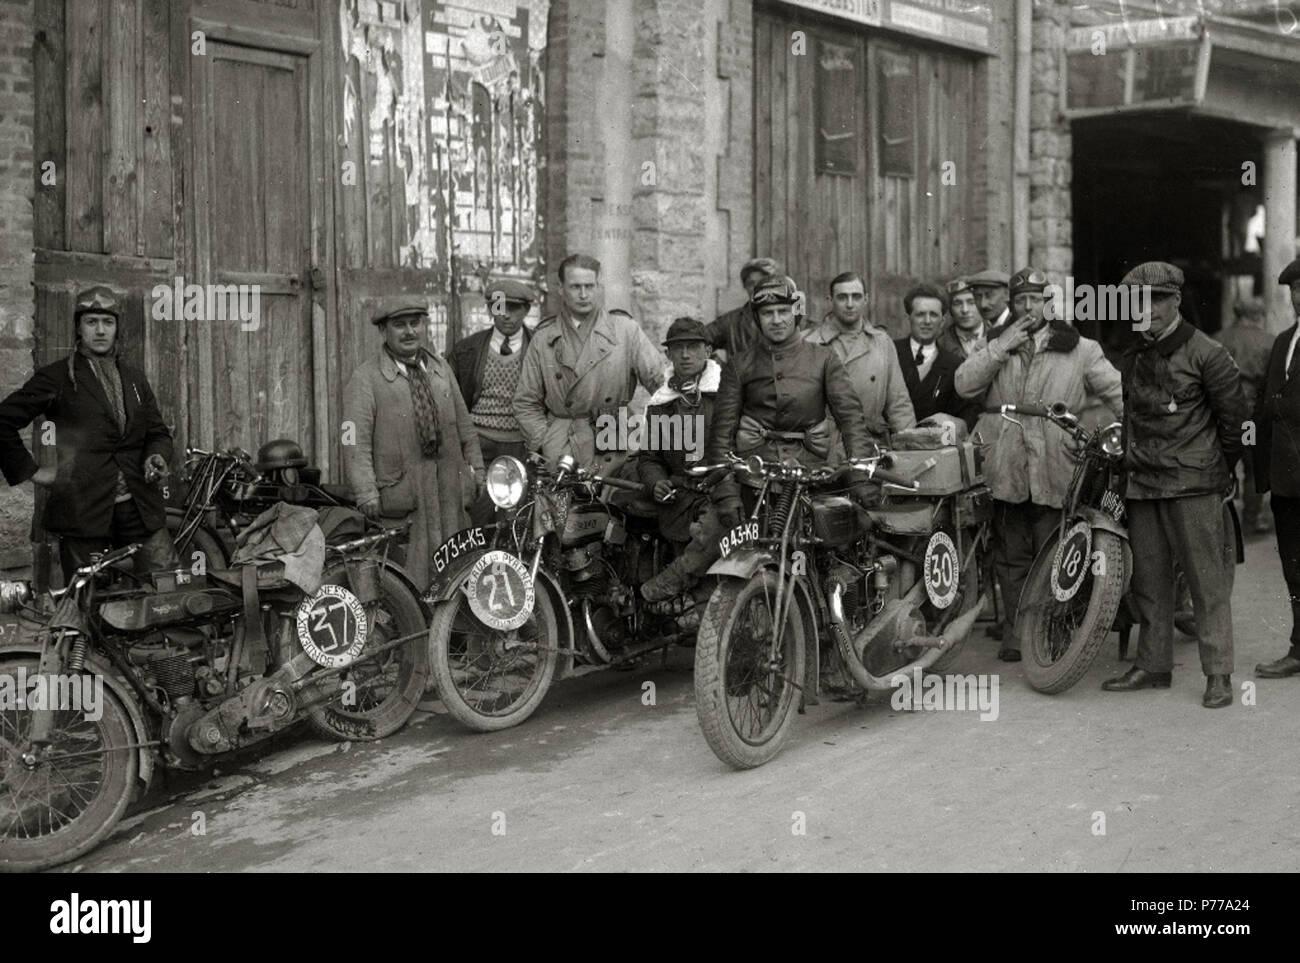 Español: Título original: Carrera motociclista en Behobia (1/4) Localización: Irún (Guipúzcoa)  . 1927 14 Carrera motociclista en Behobia (1 de 4) - Fondo Car-Kutxa Fototeka Stock Photo